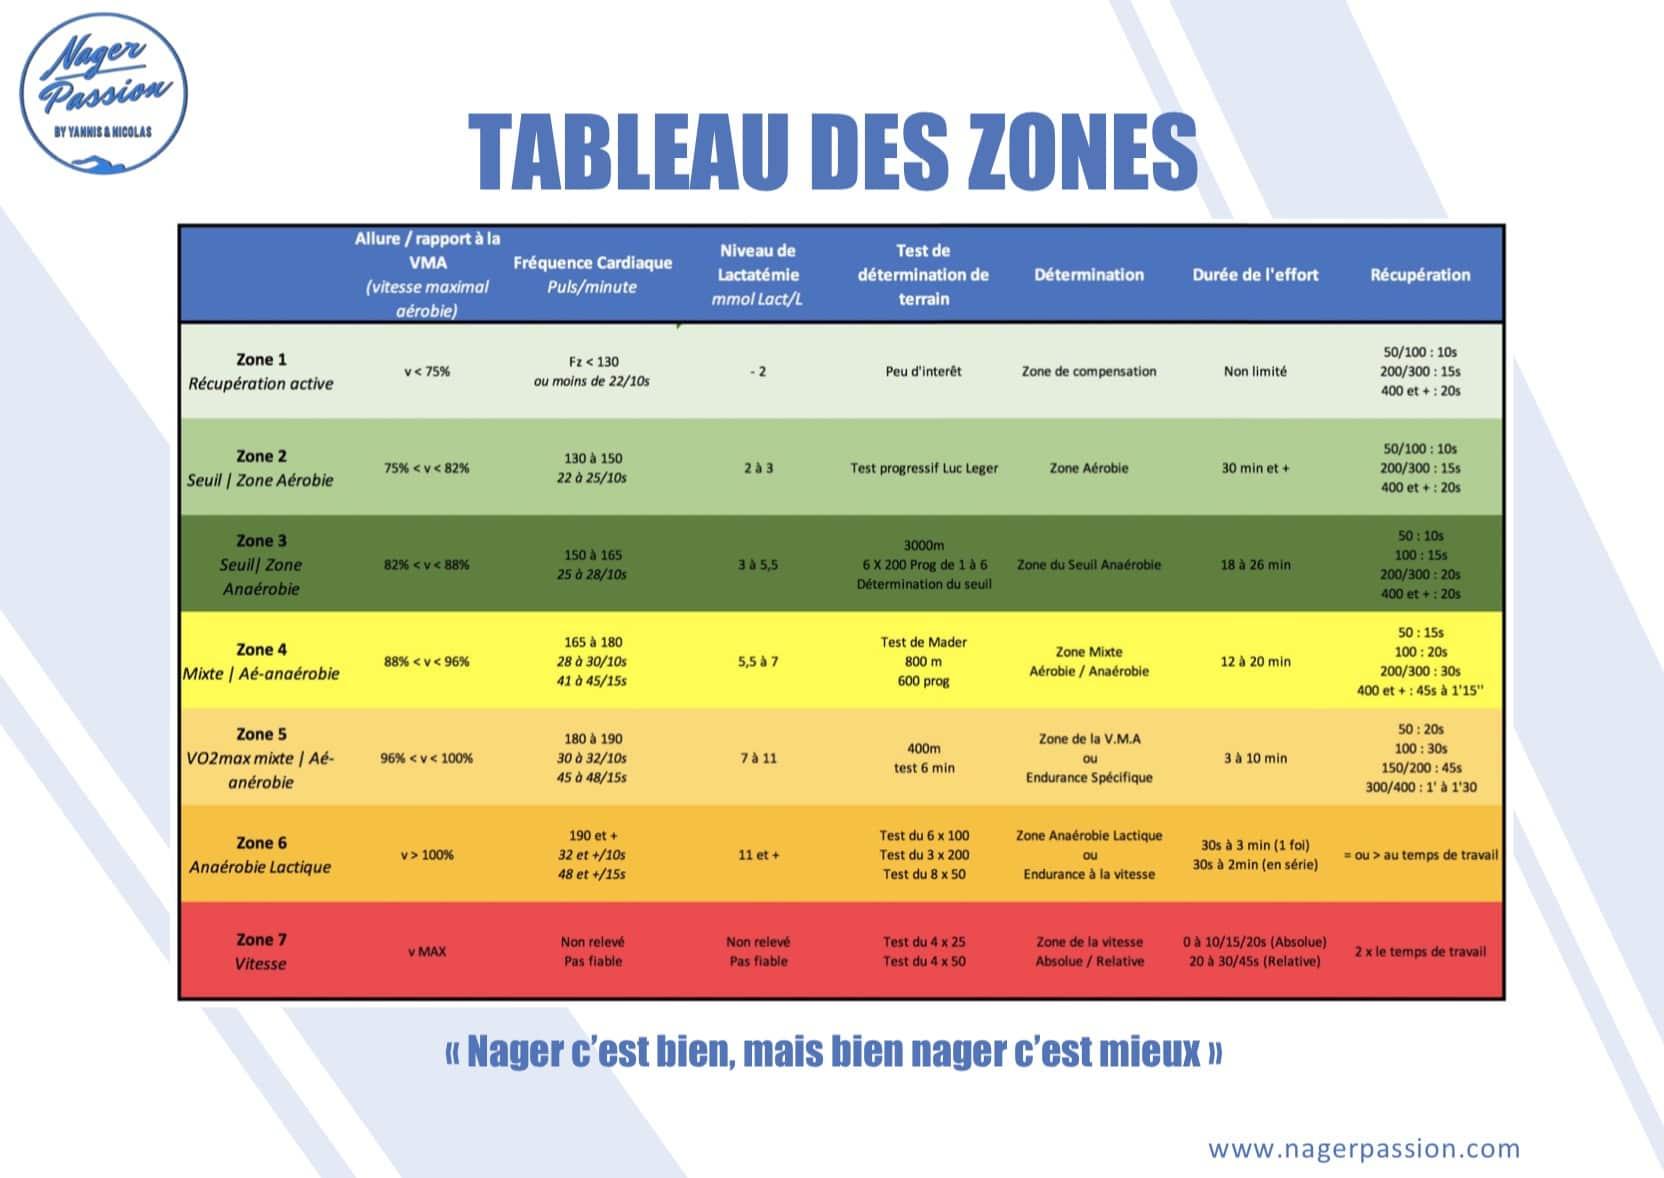 Tableau des zones de travail